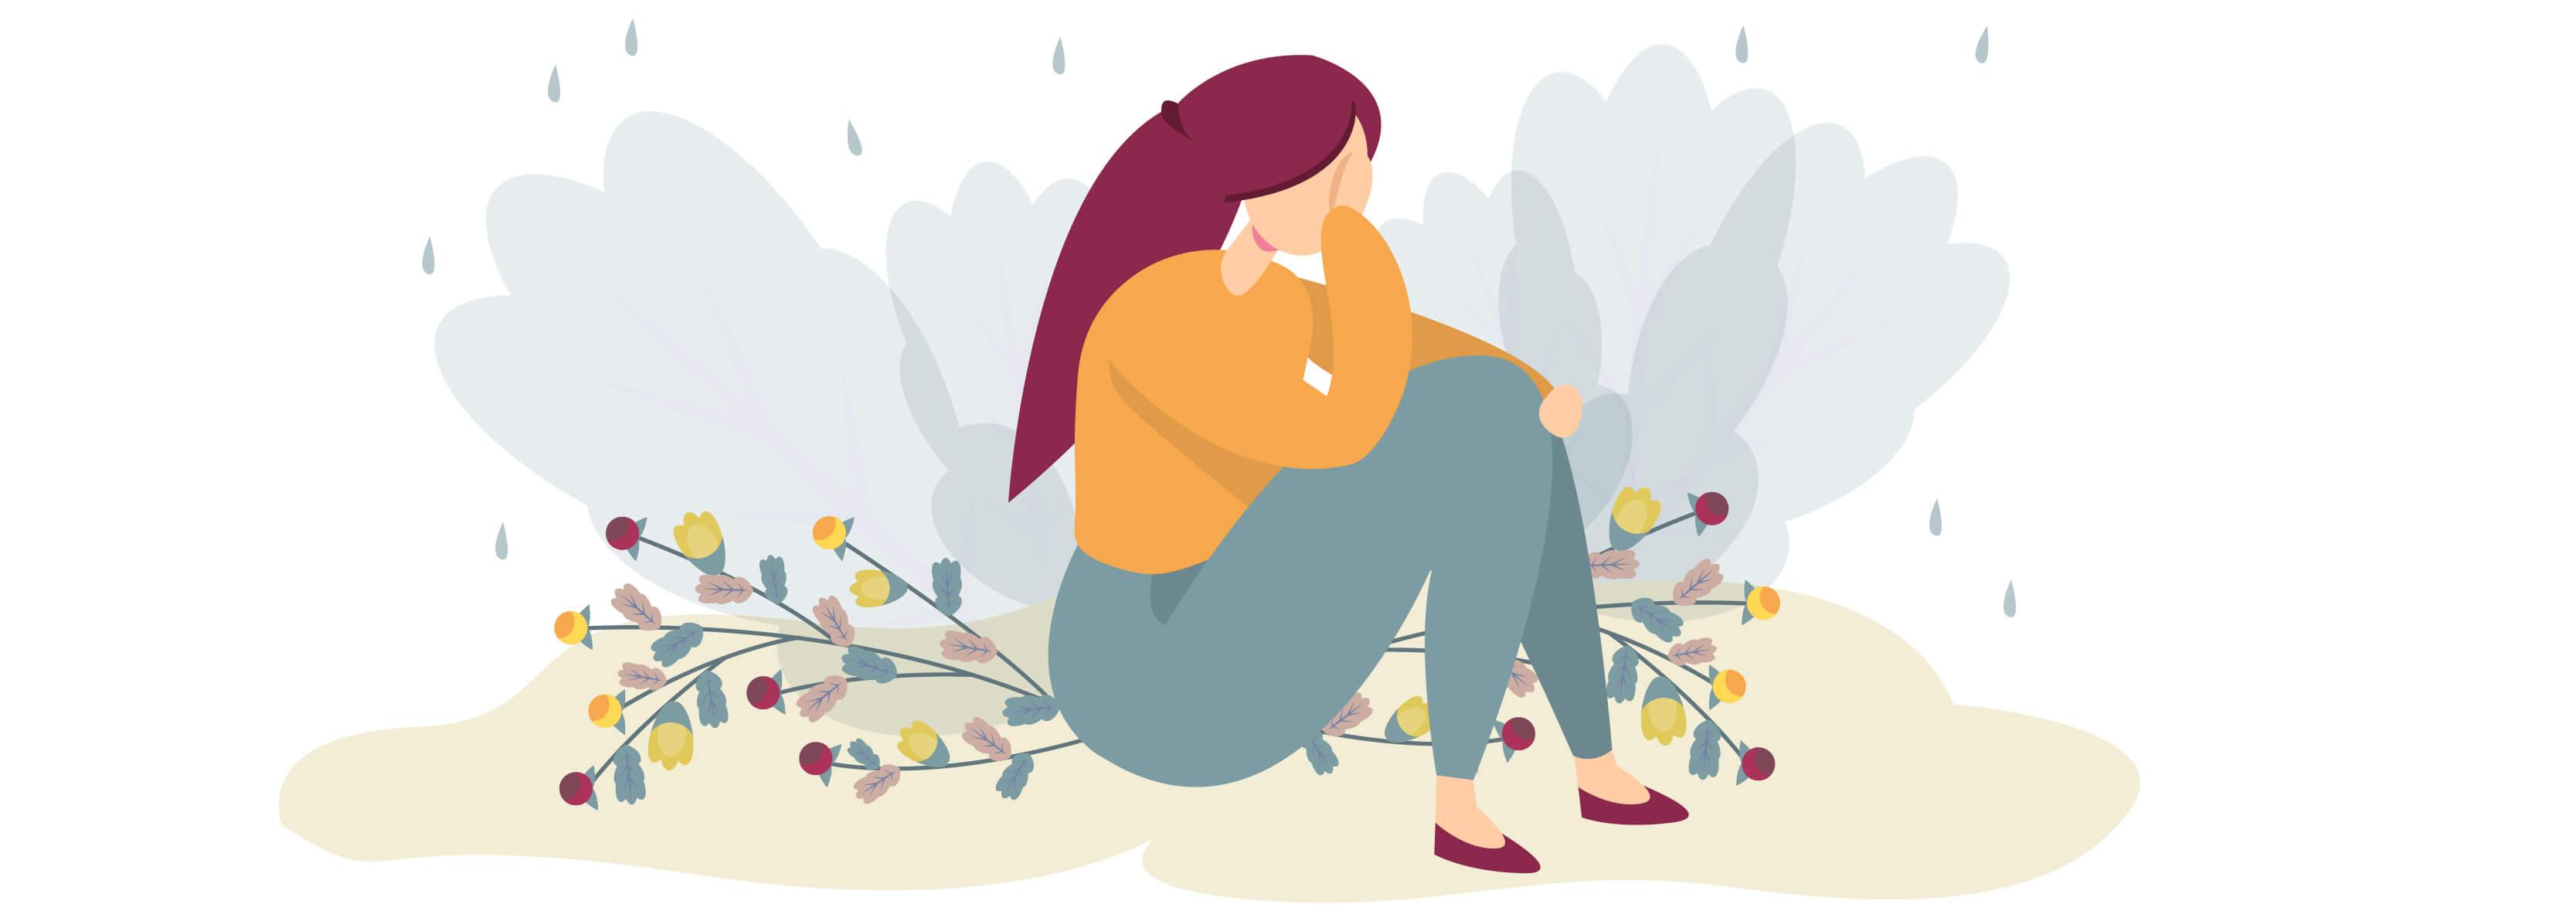 malattia di crohn e rettocolite ulcerosa